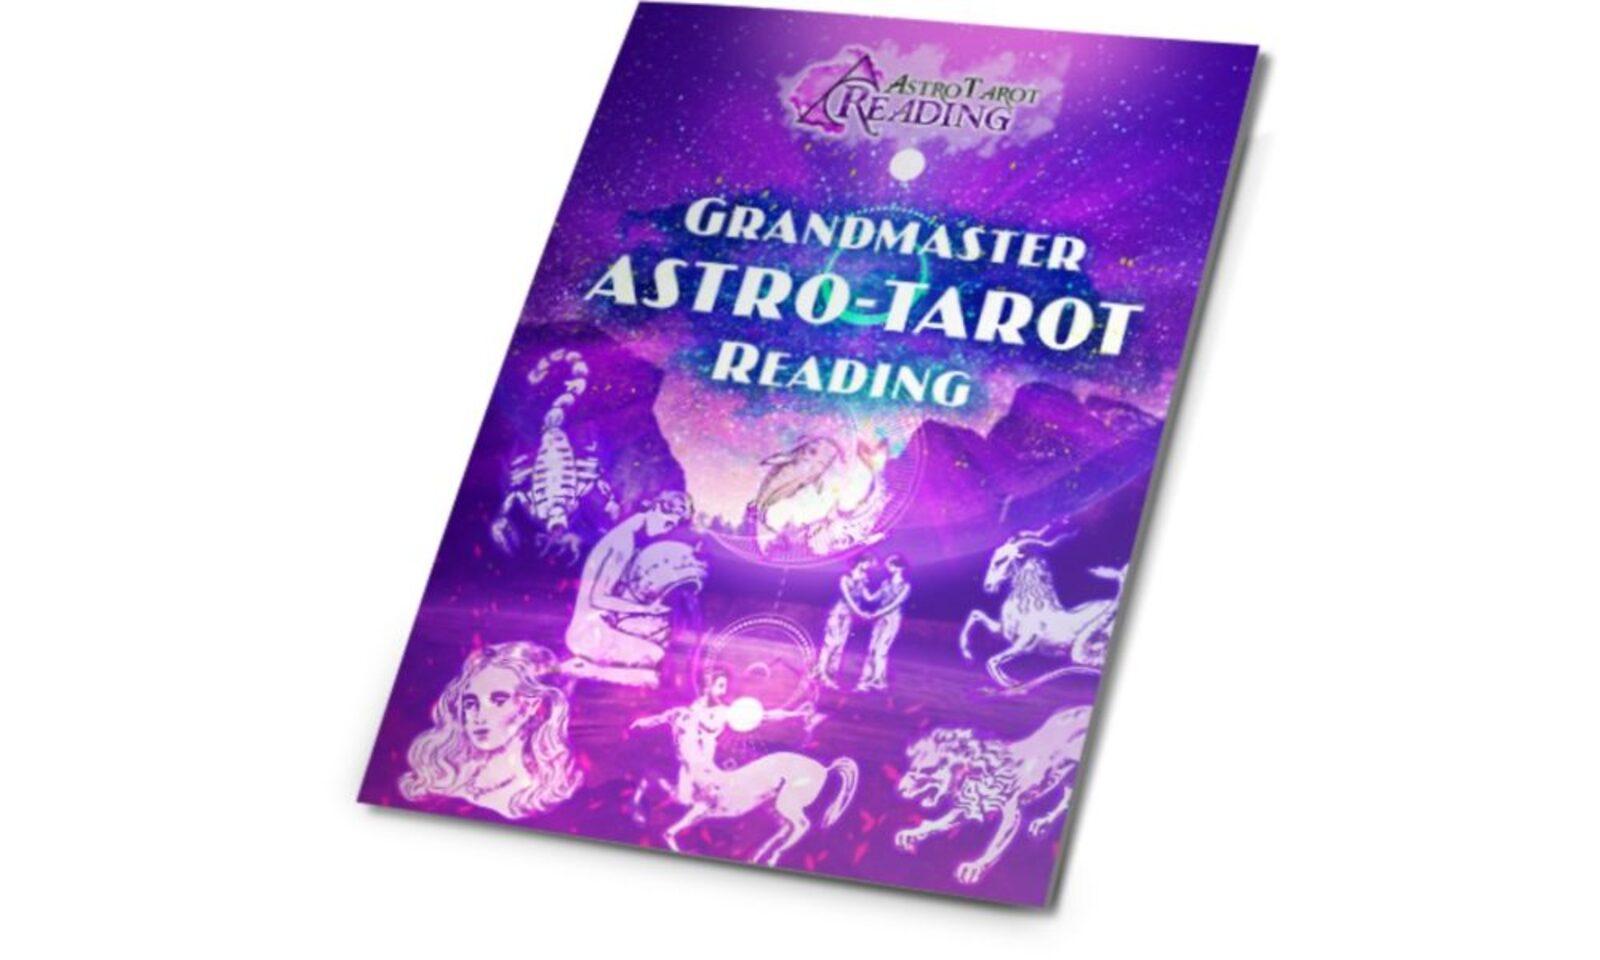 Astro-Tarot Reading